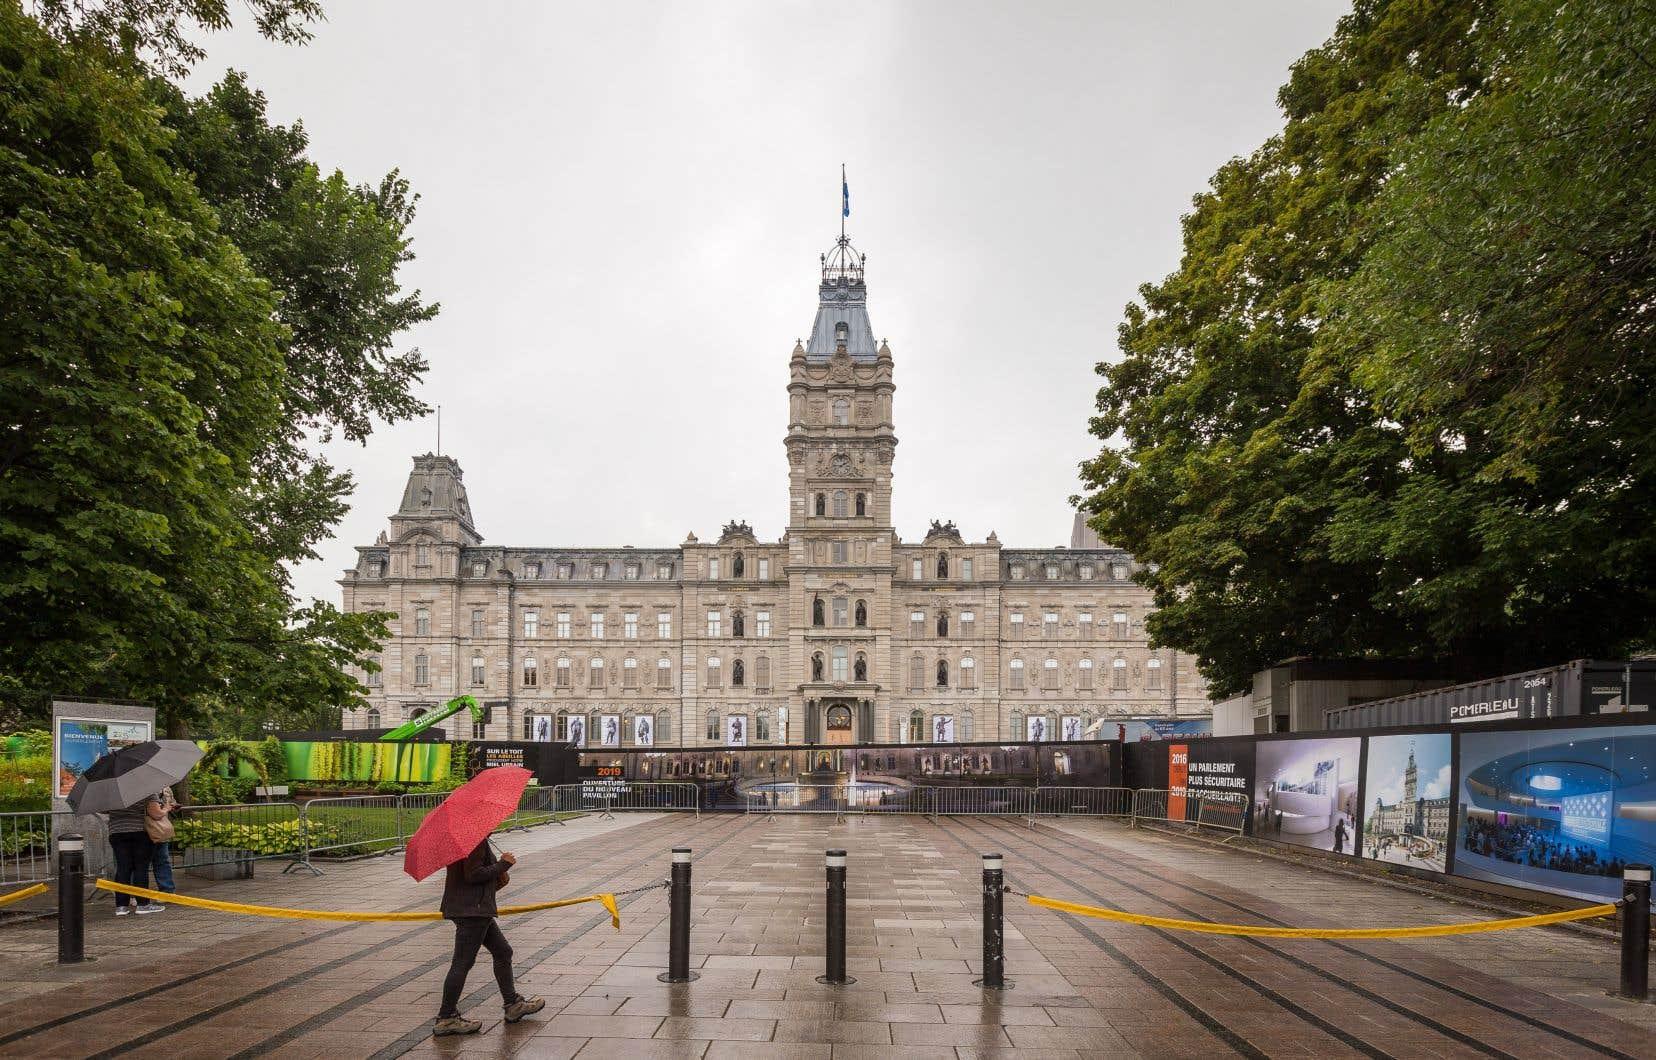 La reprise officielle des travaux à l'Assemblée nationale, prévue pour le 21 avril, sera vraisemblablement repoussée au 5 mai.